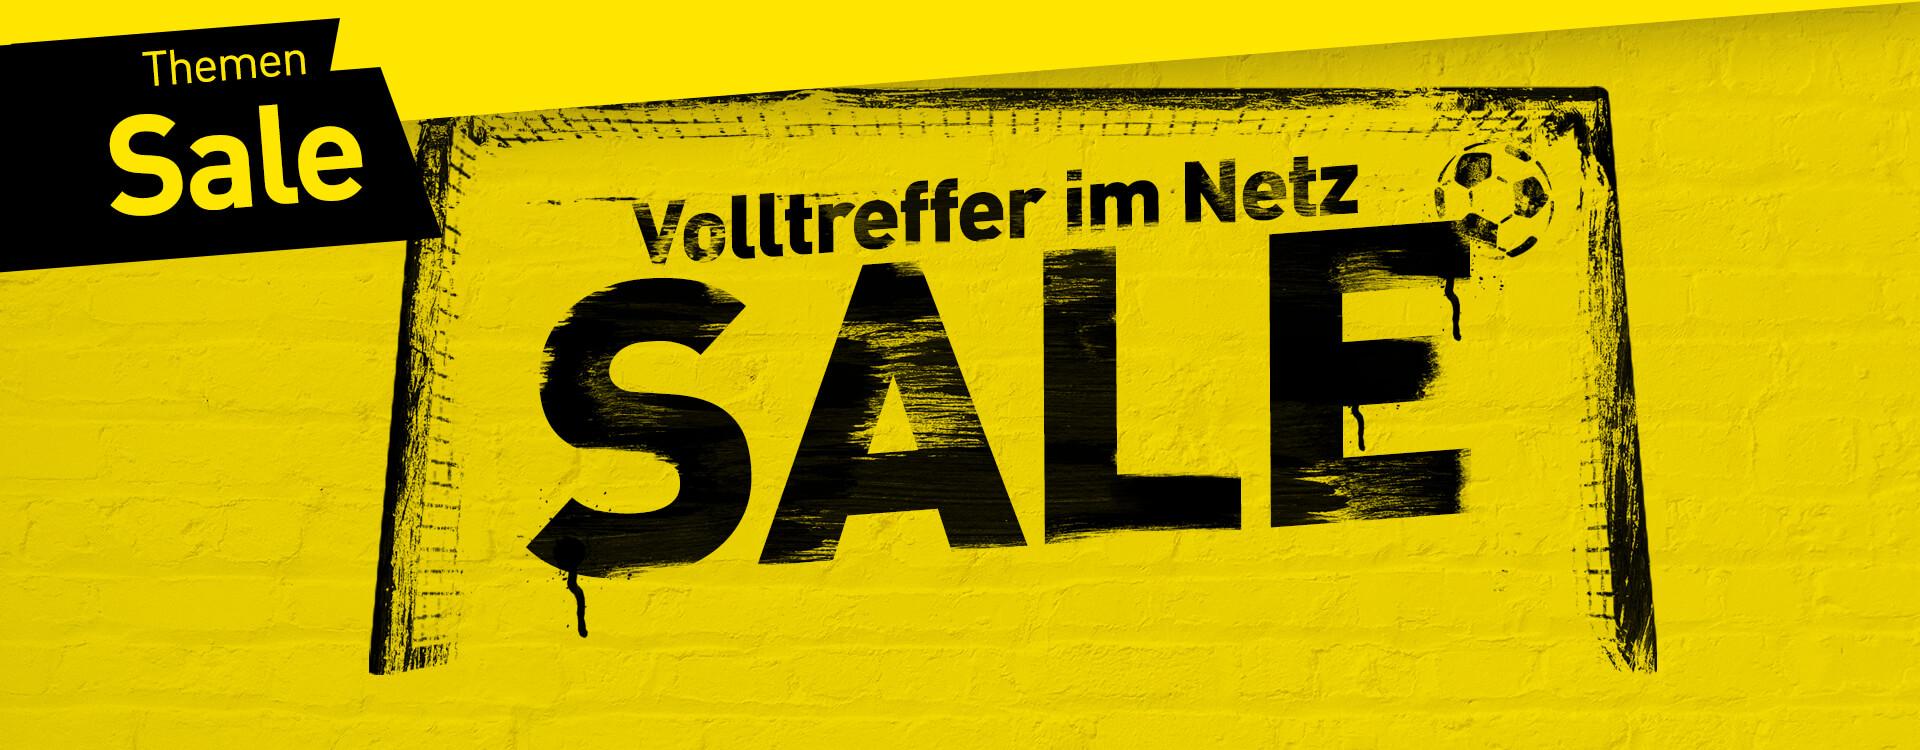 BVB Sale im FanShop für Damen/Herren/Kinder, zB. Puma Hoodie für Damen für 24,99€, Herren Stadionshirt für 14,99€, plus 5€ Versand unter 50€